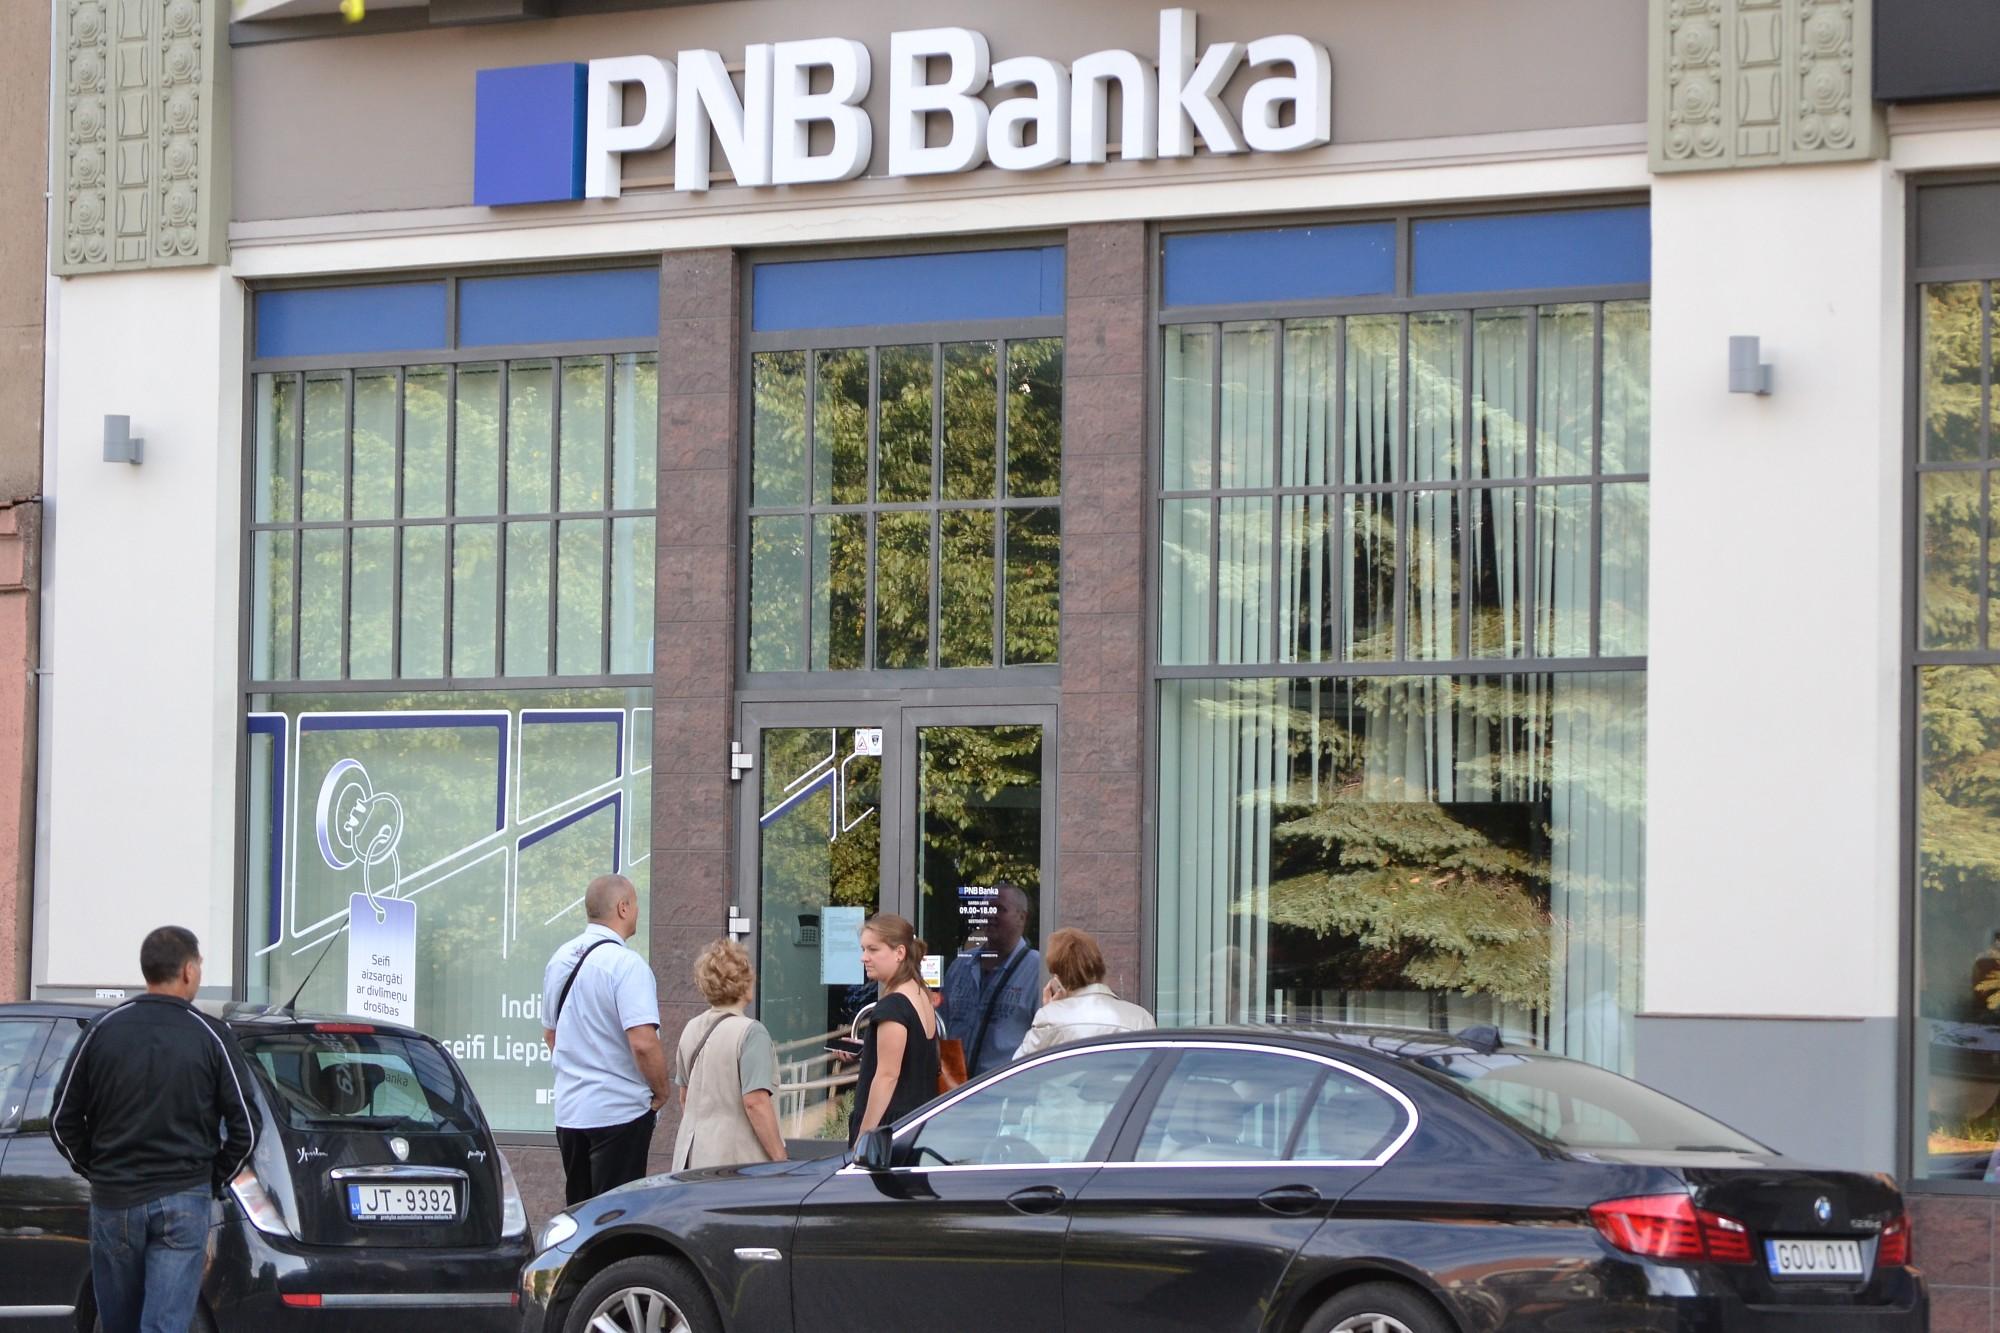 У дверей закрытого банка толпятся взволнованные клиенты